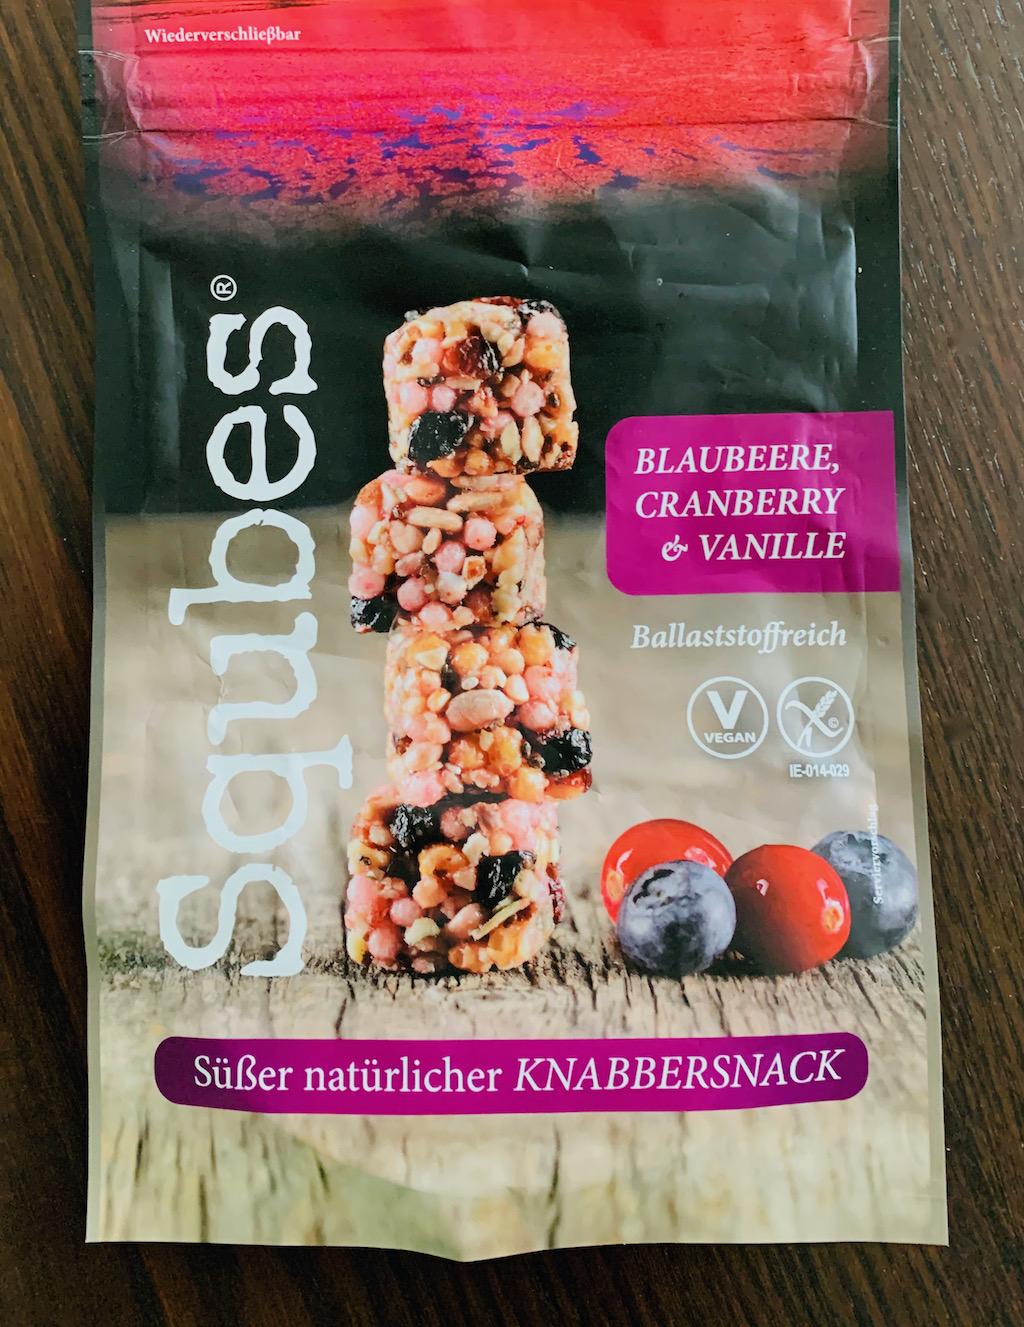 Squbes Süßer natürlicher Knabbersnack Blaubeere-Cranberry-Vanille